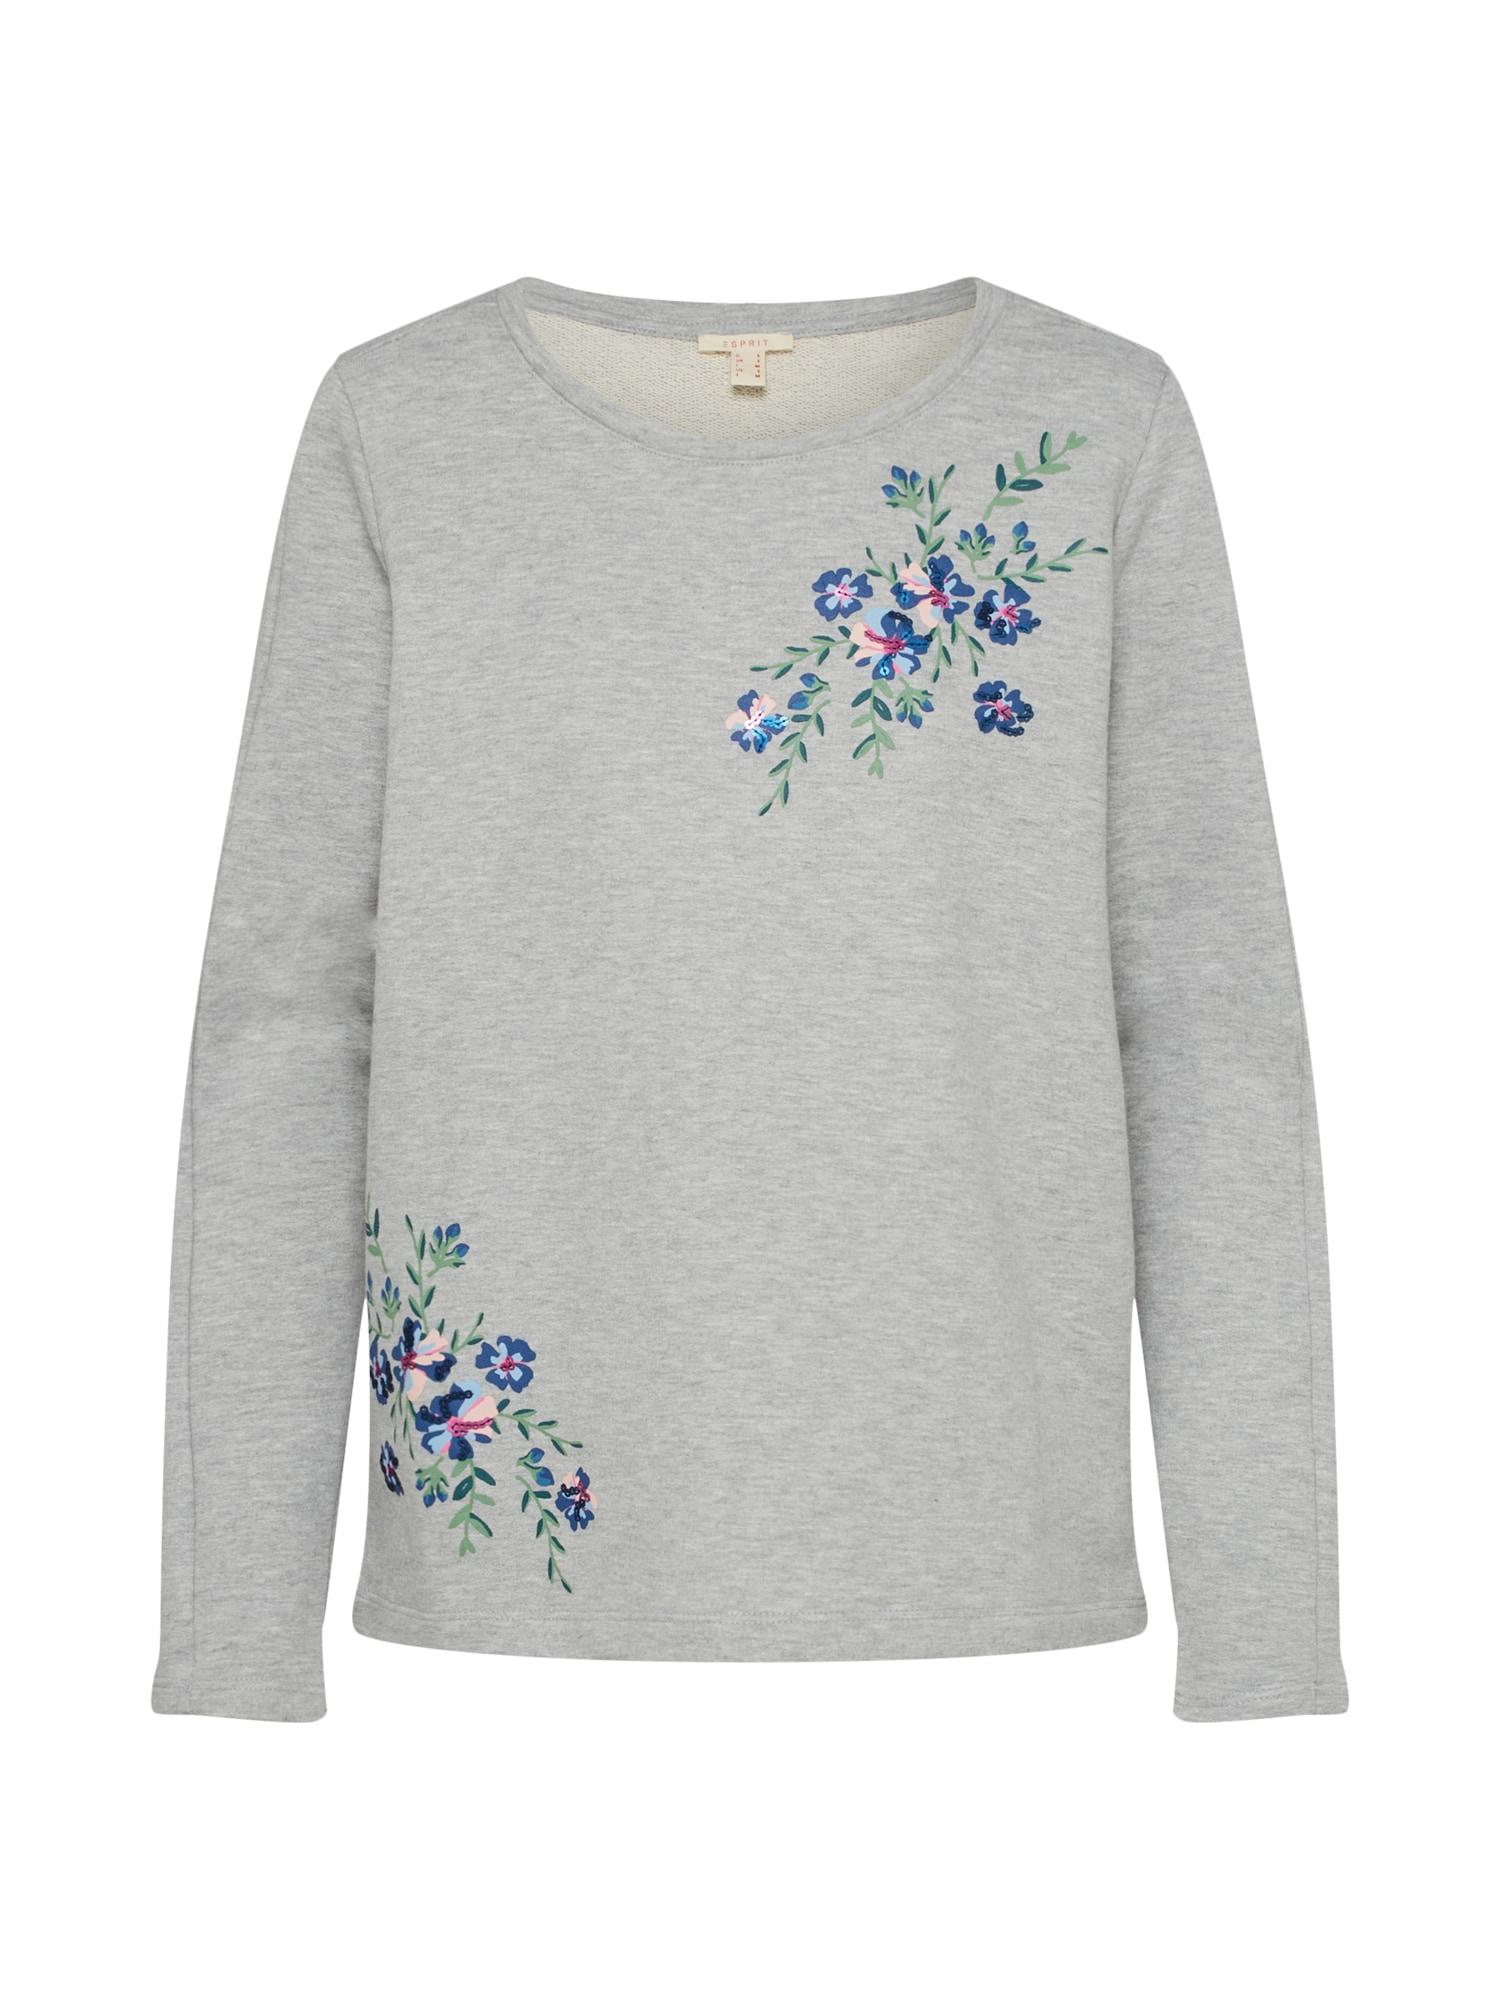 ESPRIT, Dames Sweatshirt 'Terry L7s AW Sweatshirts', grijs gemleerd